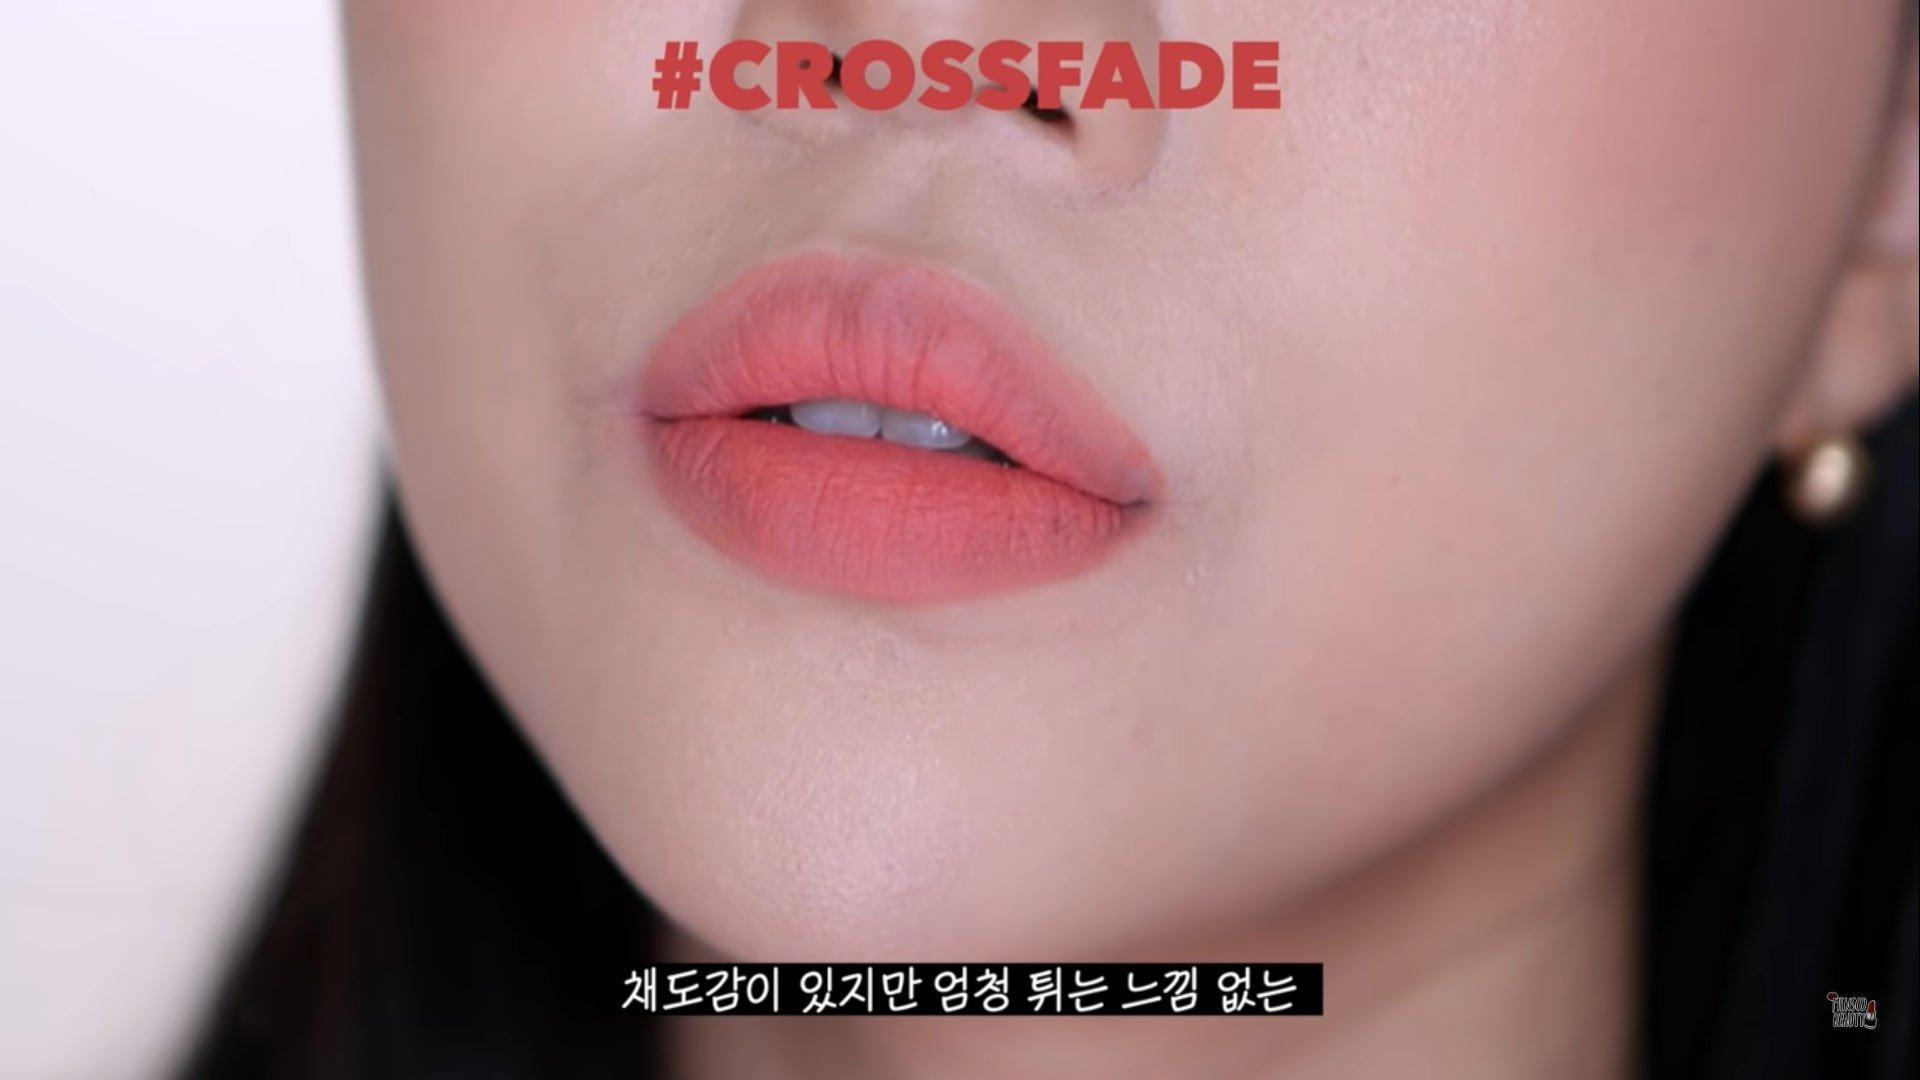 Crossfade là màu san hô tươi tắn, trẻ trung thích hợp cho các bạn nữ đang đến trường. (nguồn: Inernet)